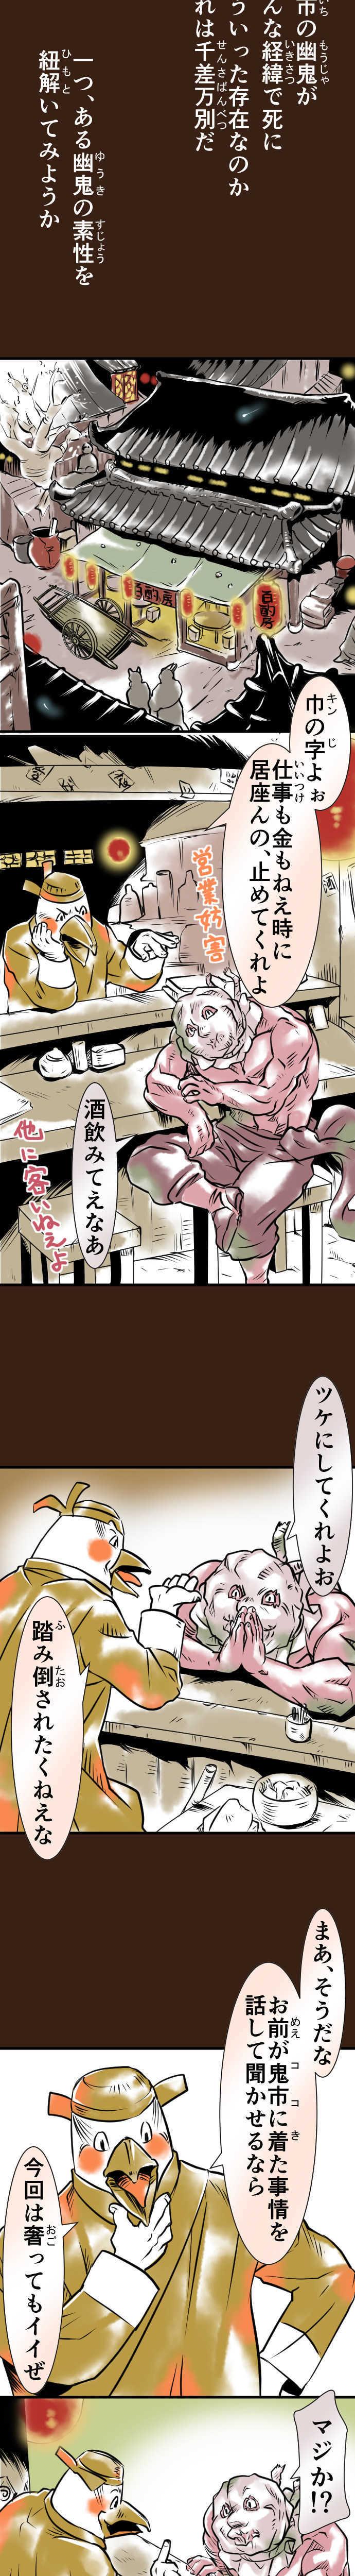 月餅天女(鬼市番外編読切)